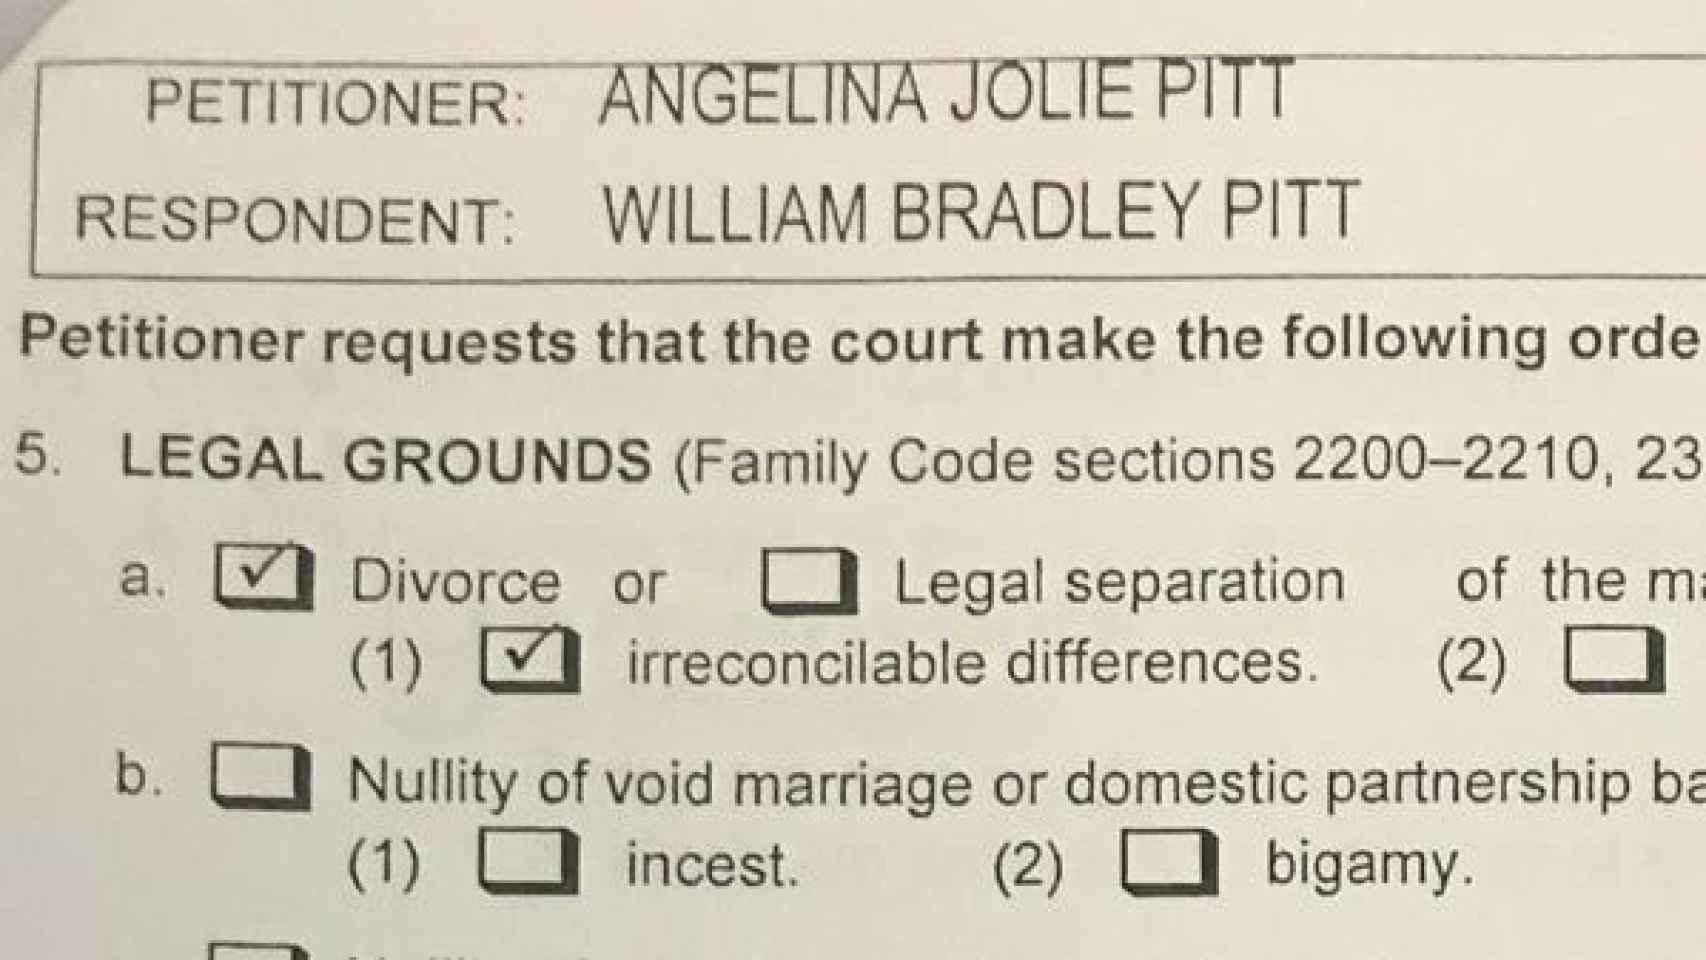 La demanda de divorcio impuesta por Angelina Jolie contra Brad Pitt.